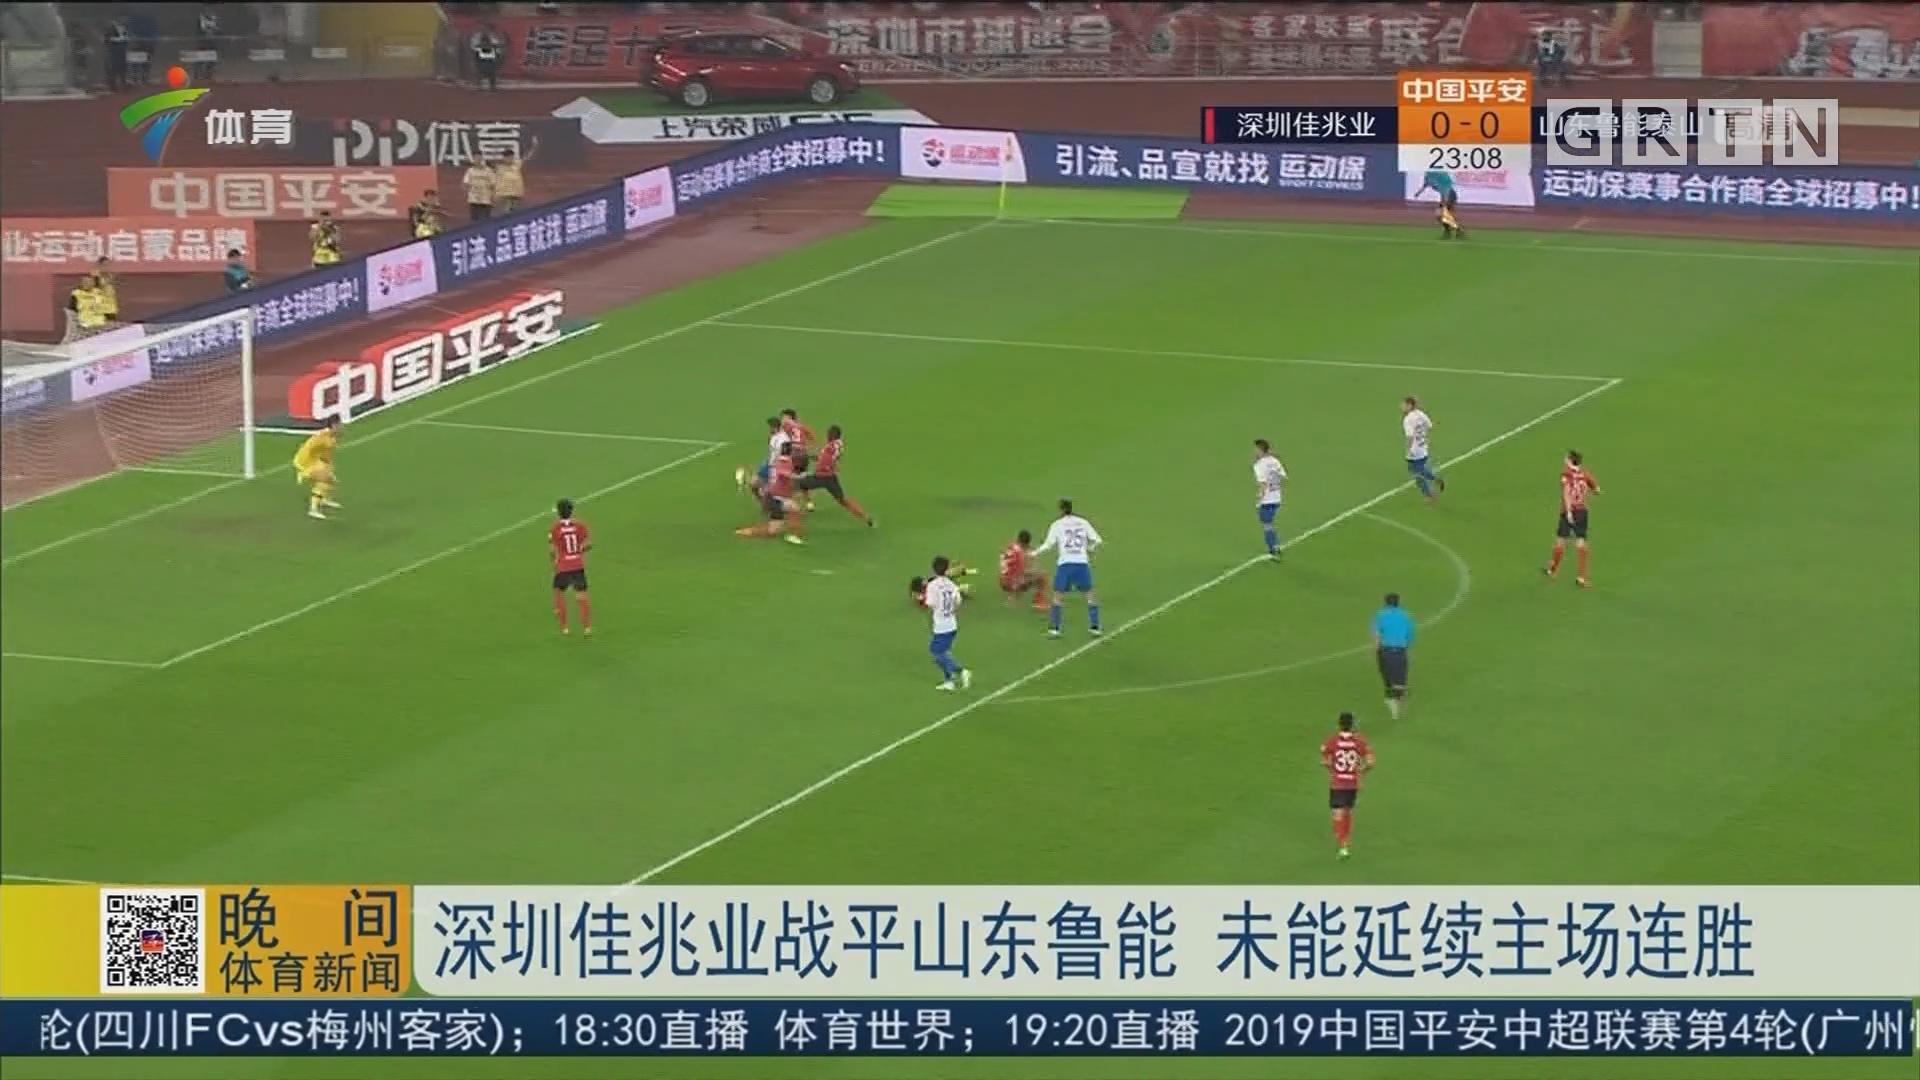 深圳佳兆业战平山东鲁能 未能延续主场连胜